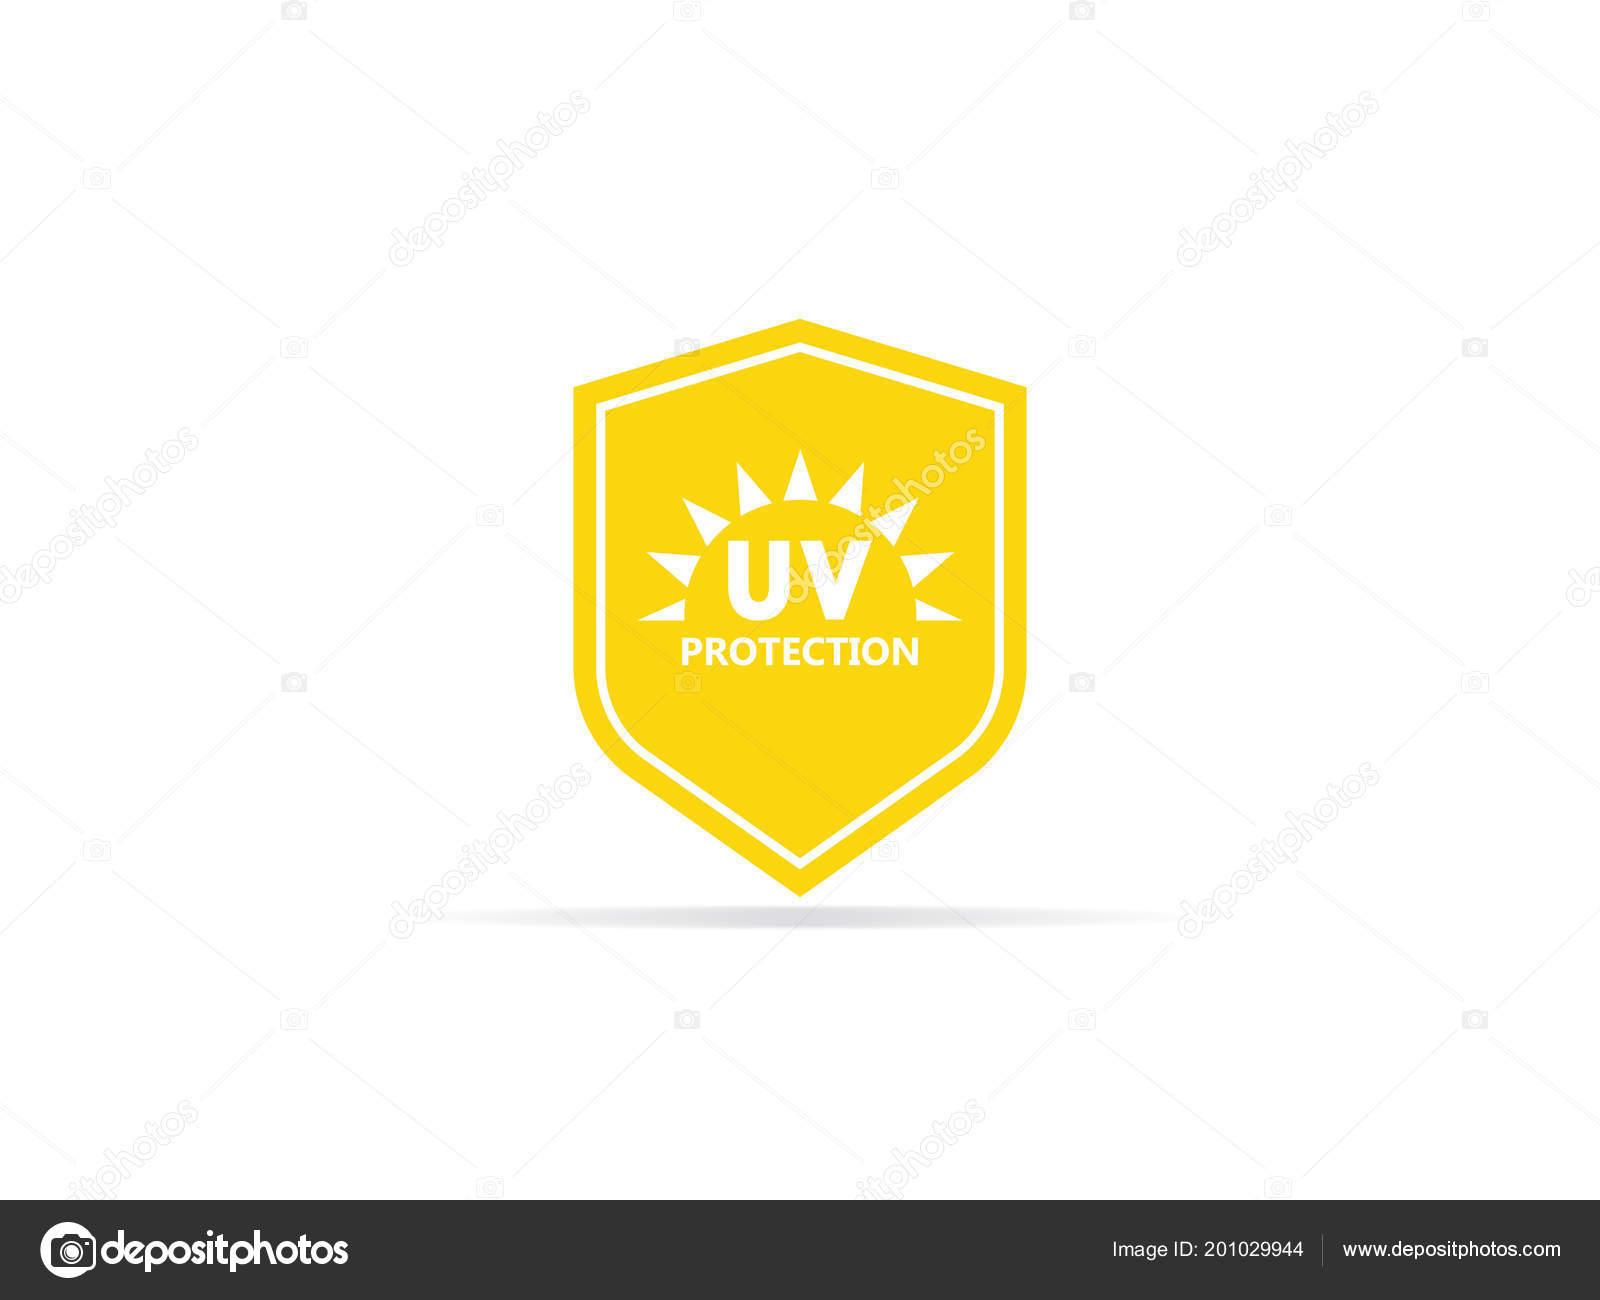 d58db6836082a0 Bescherming Pictogram Ultraviolette Straling Met Zon Schild Logo Symbool  Vectorillustratie — Stockvector